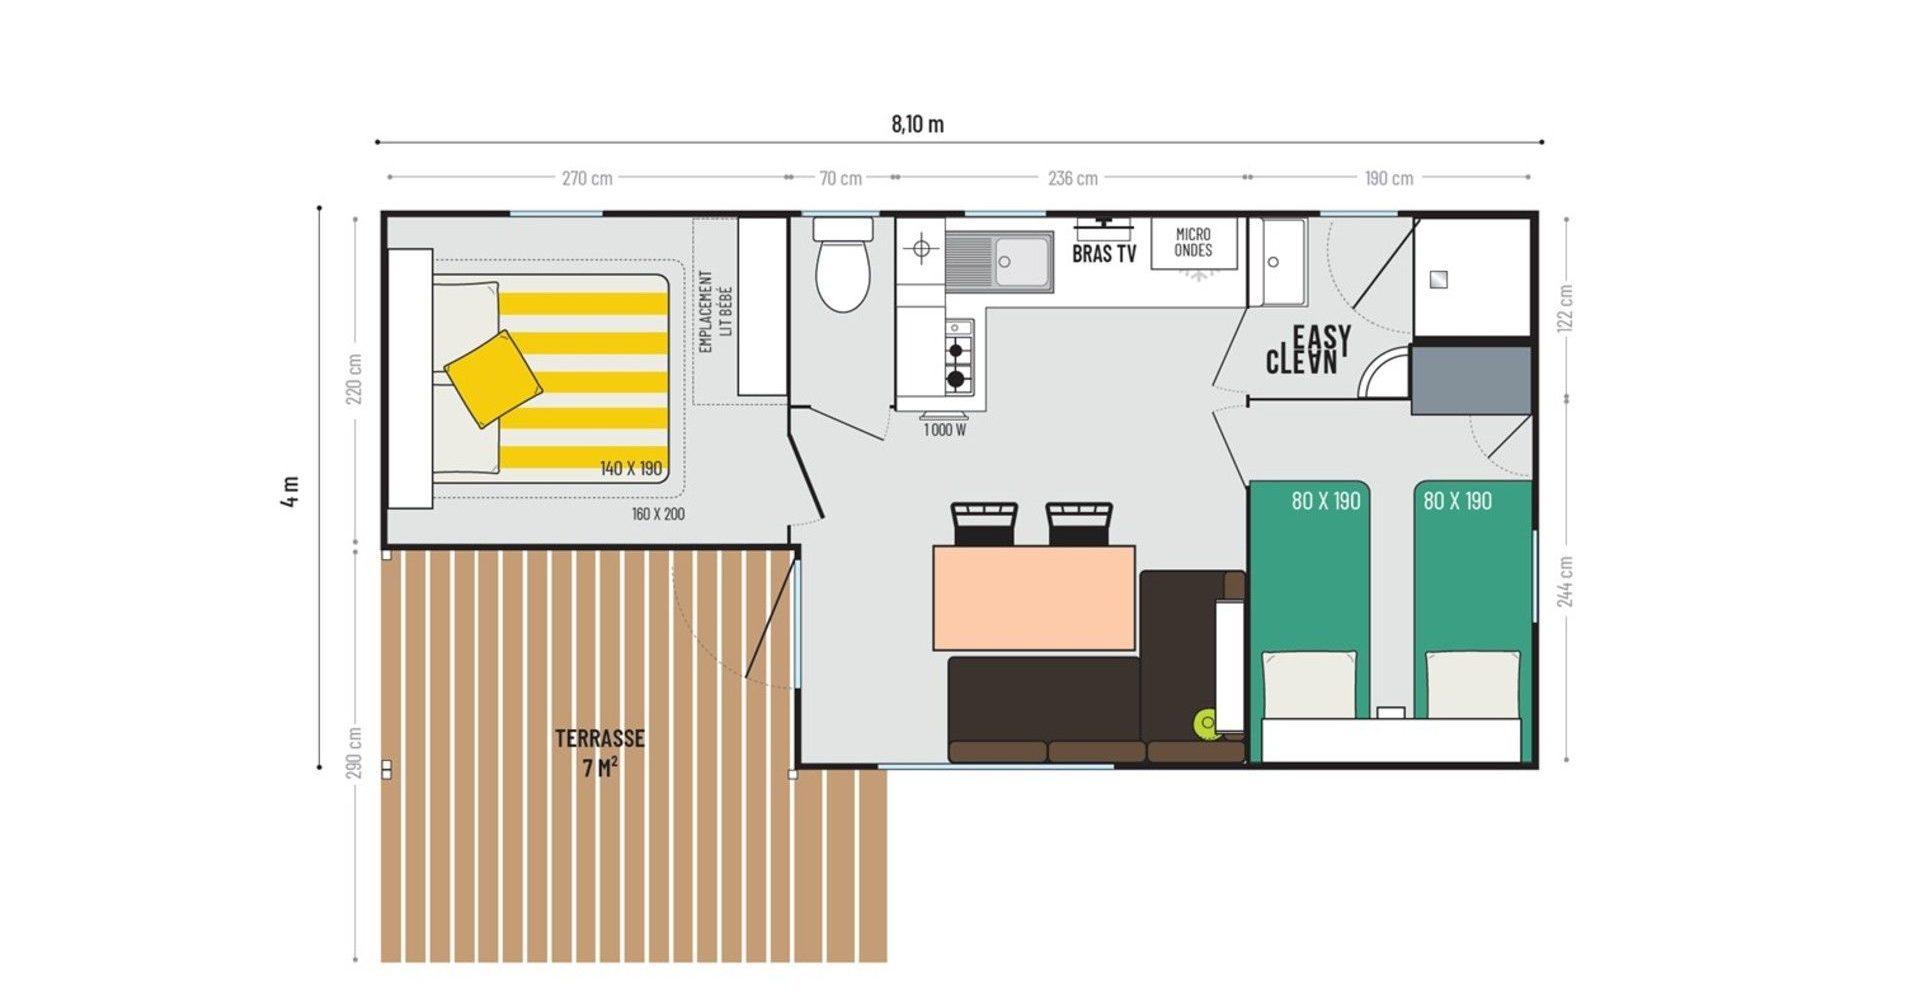 Camping La Vie : Plan Loggia 2chambres